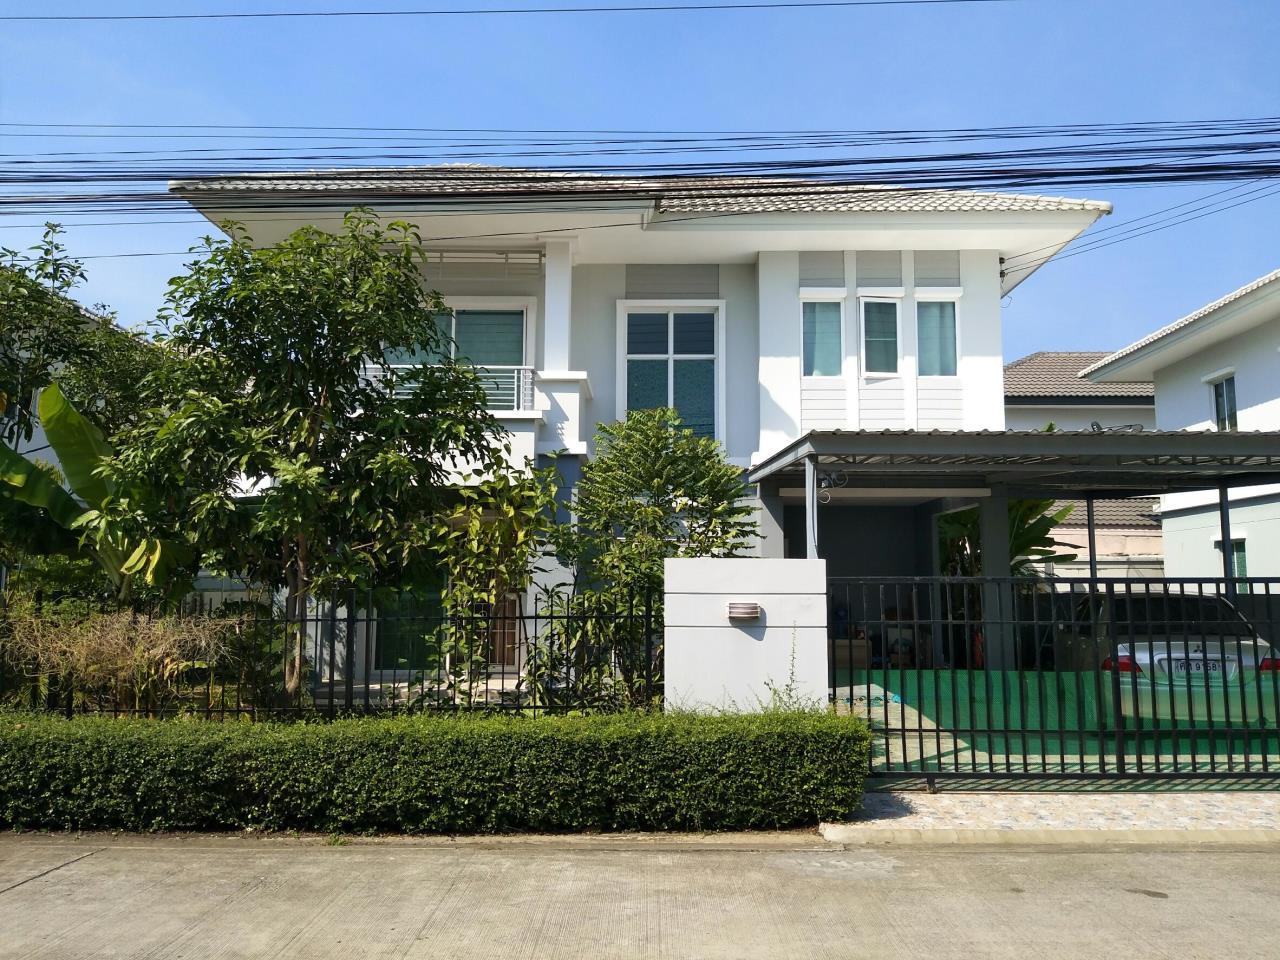 ขาย บ้าน แขวงวังทองหลาง เขตวังทองหลาง กรุงเทพมหานคร, ภาพที่ 1